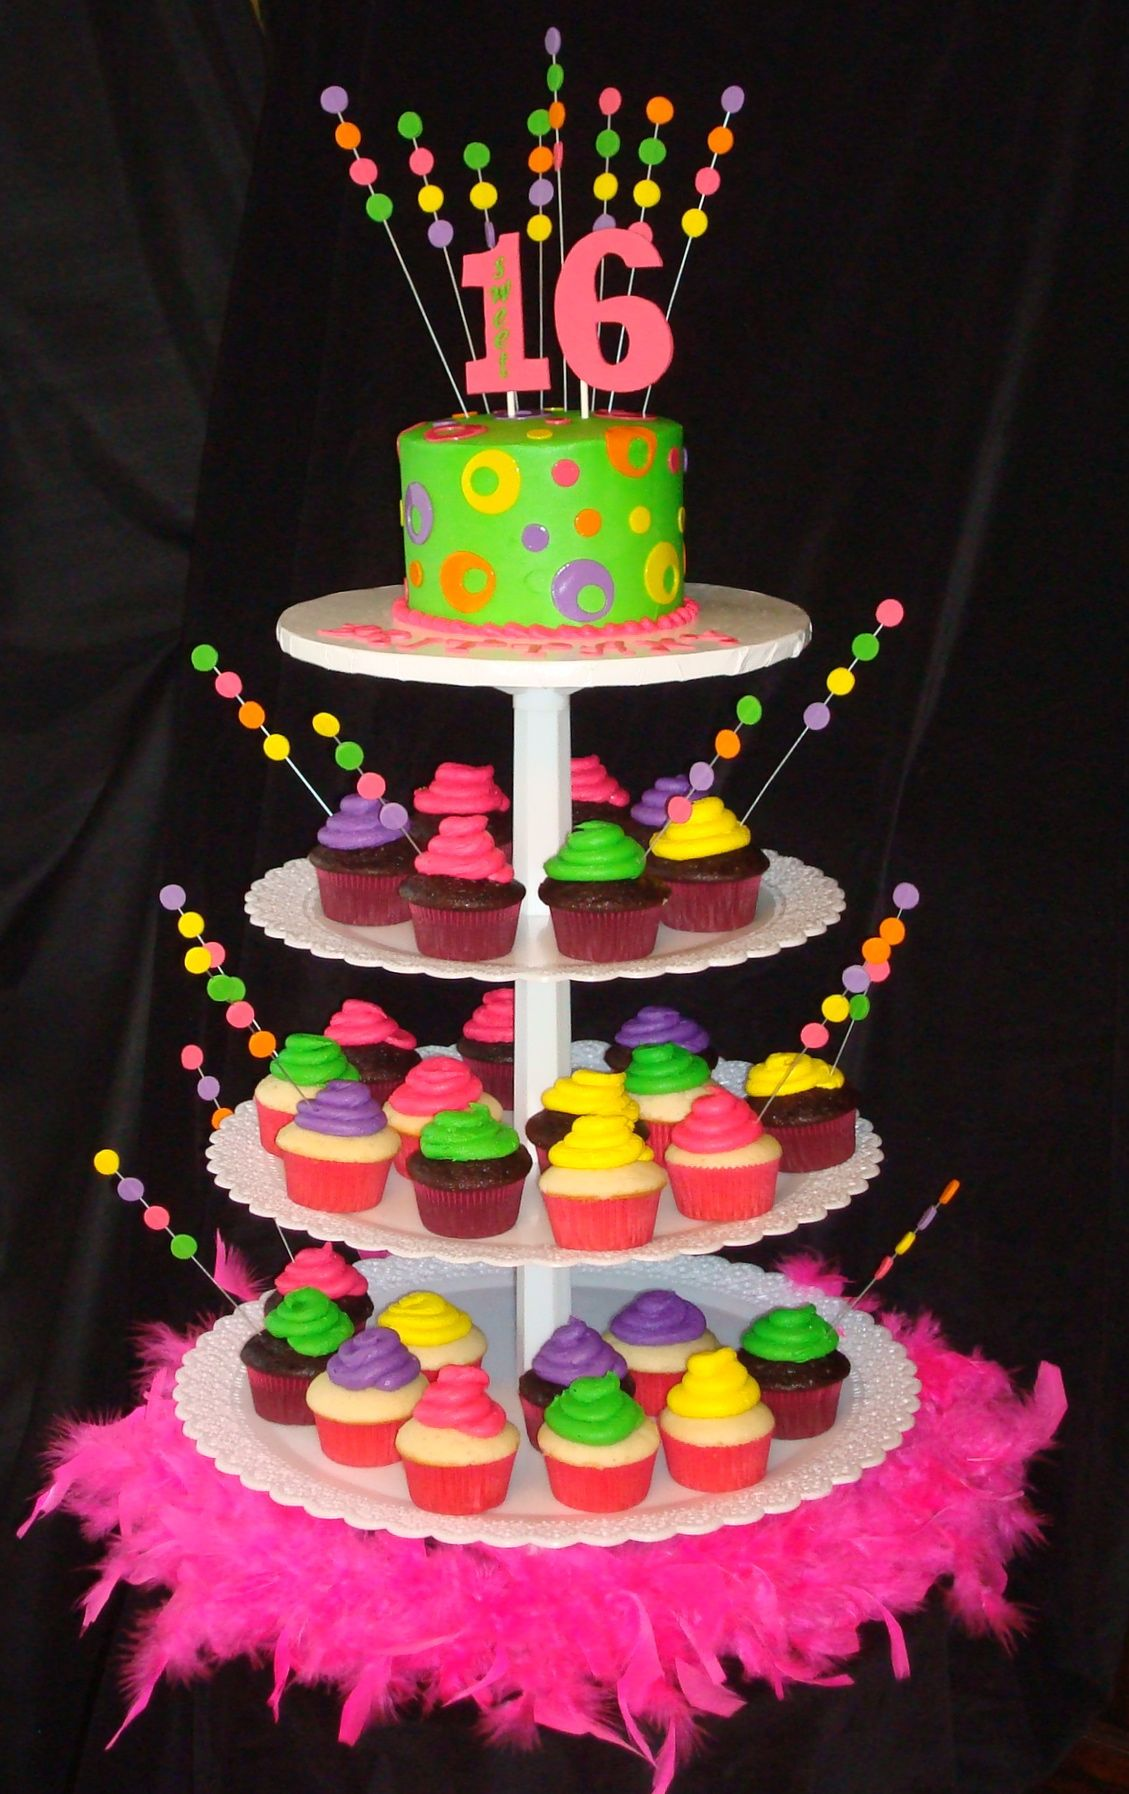 Sweet 16 Cupcakes Neon Cupcake Tower Birthday Cake Ideas